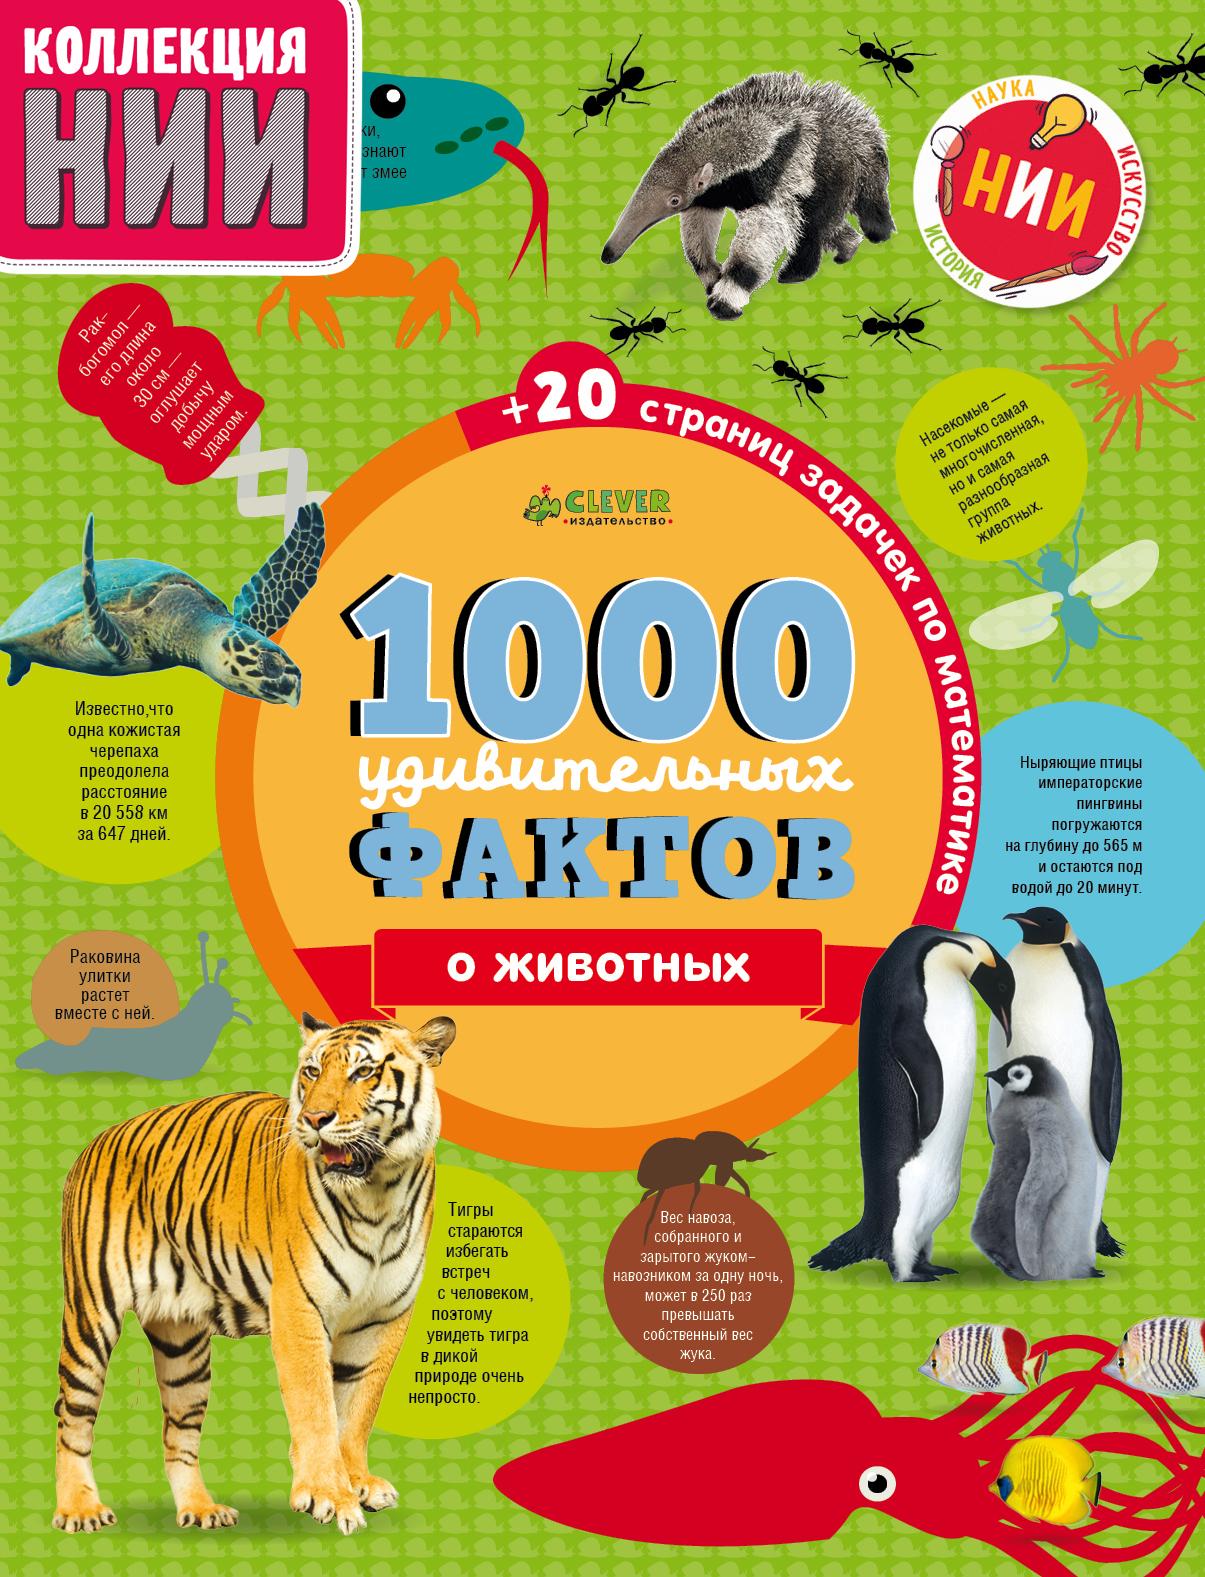 Джон Ричардс, Э. Симкинс, Э. Руни 1000 удивительных фактов о животных